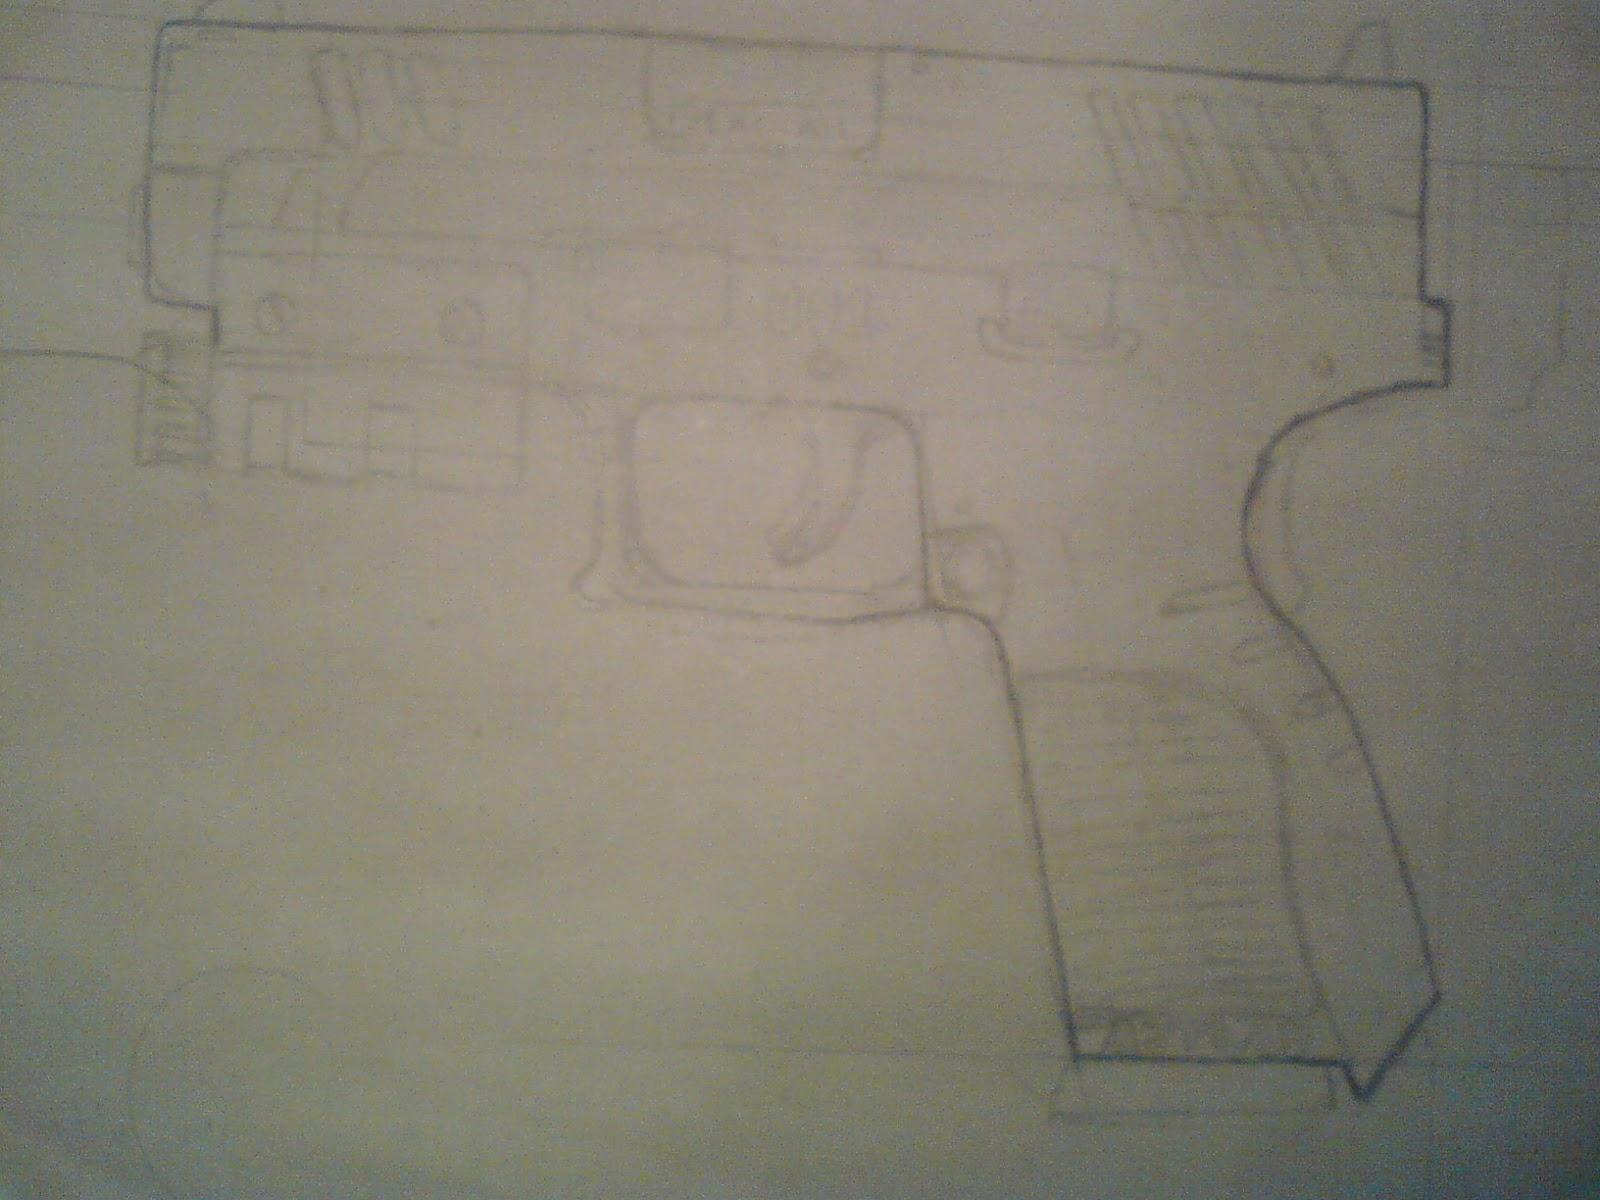 Pistola Blacktail - Resident Evil DSC04409